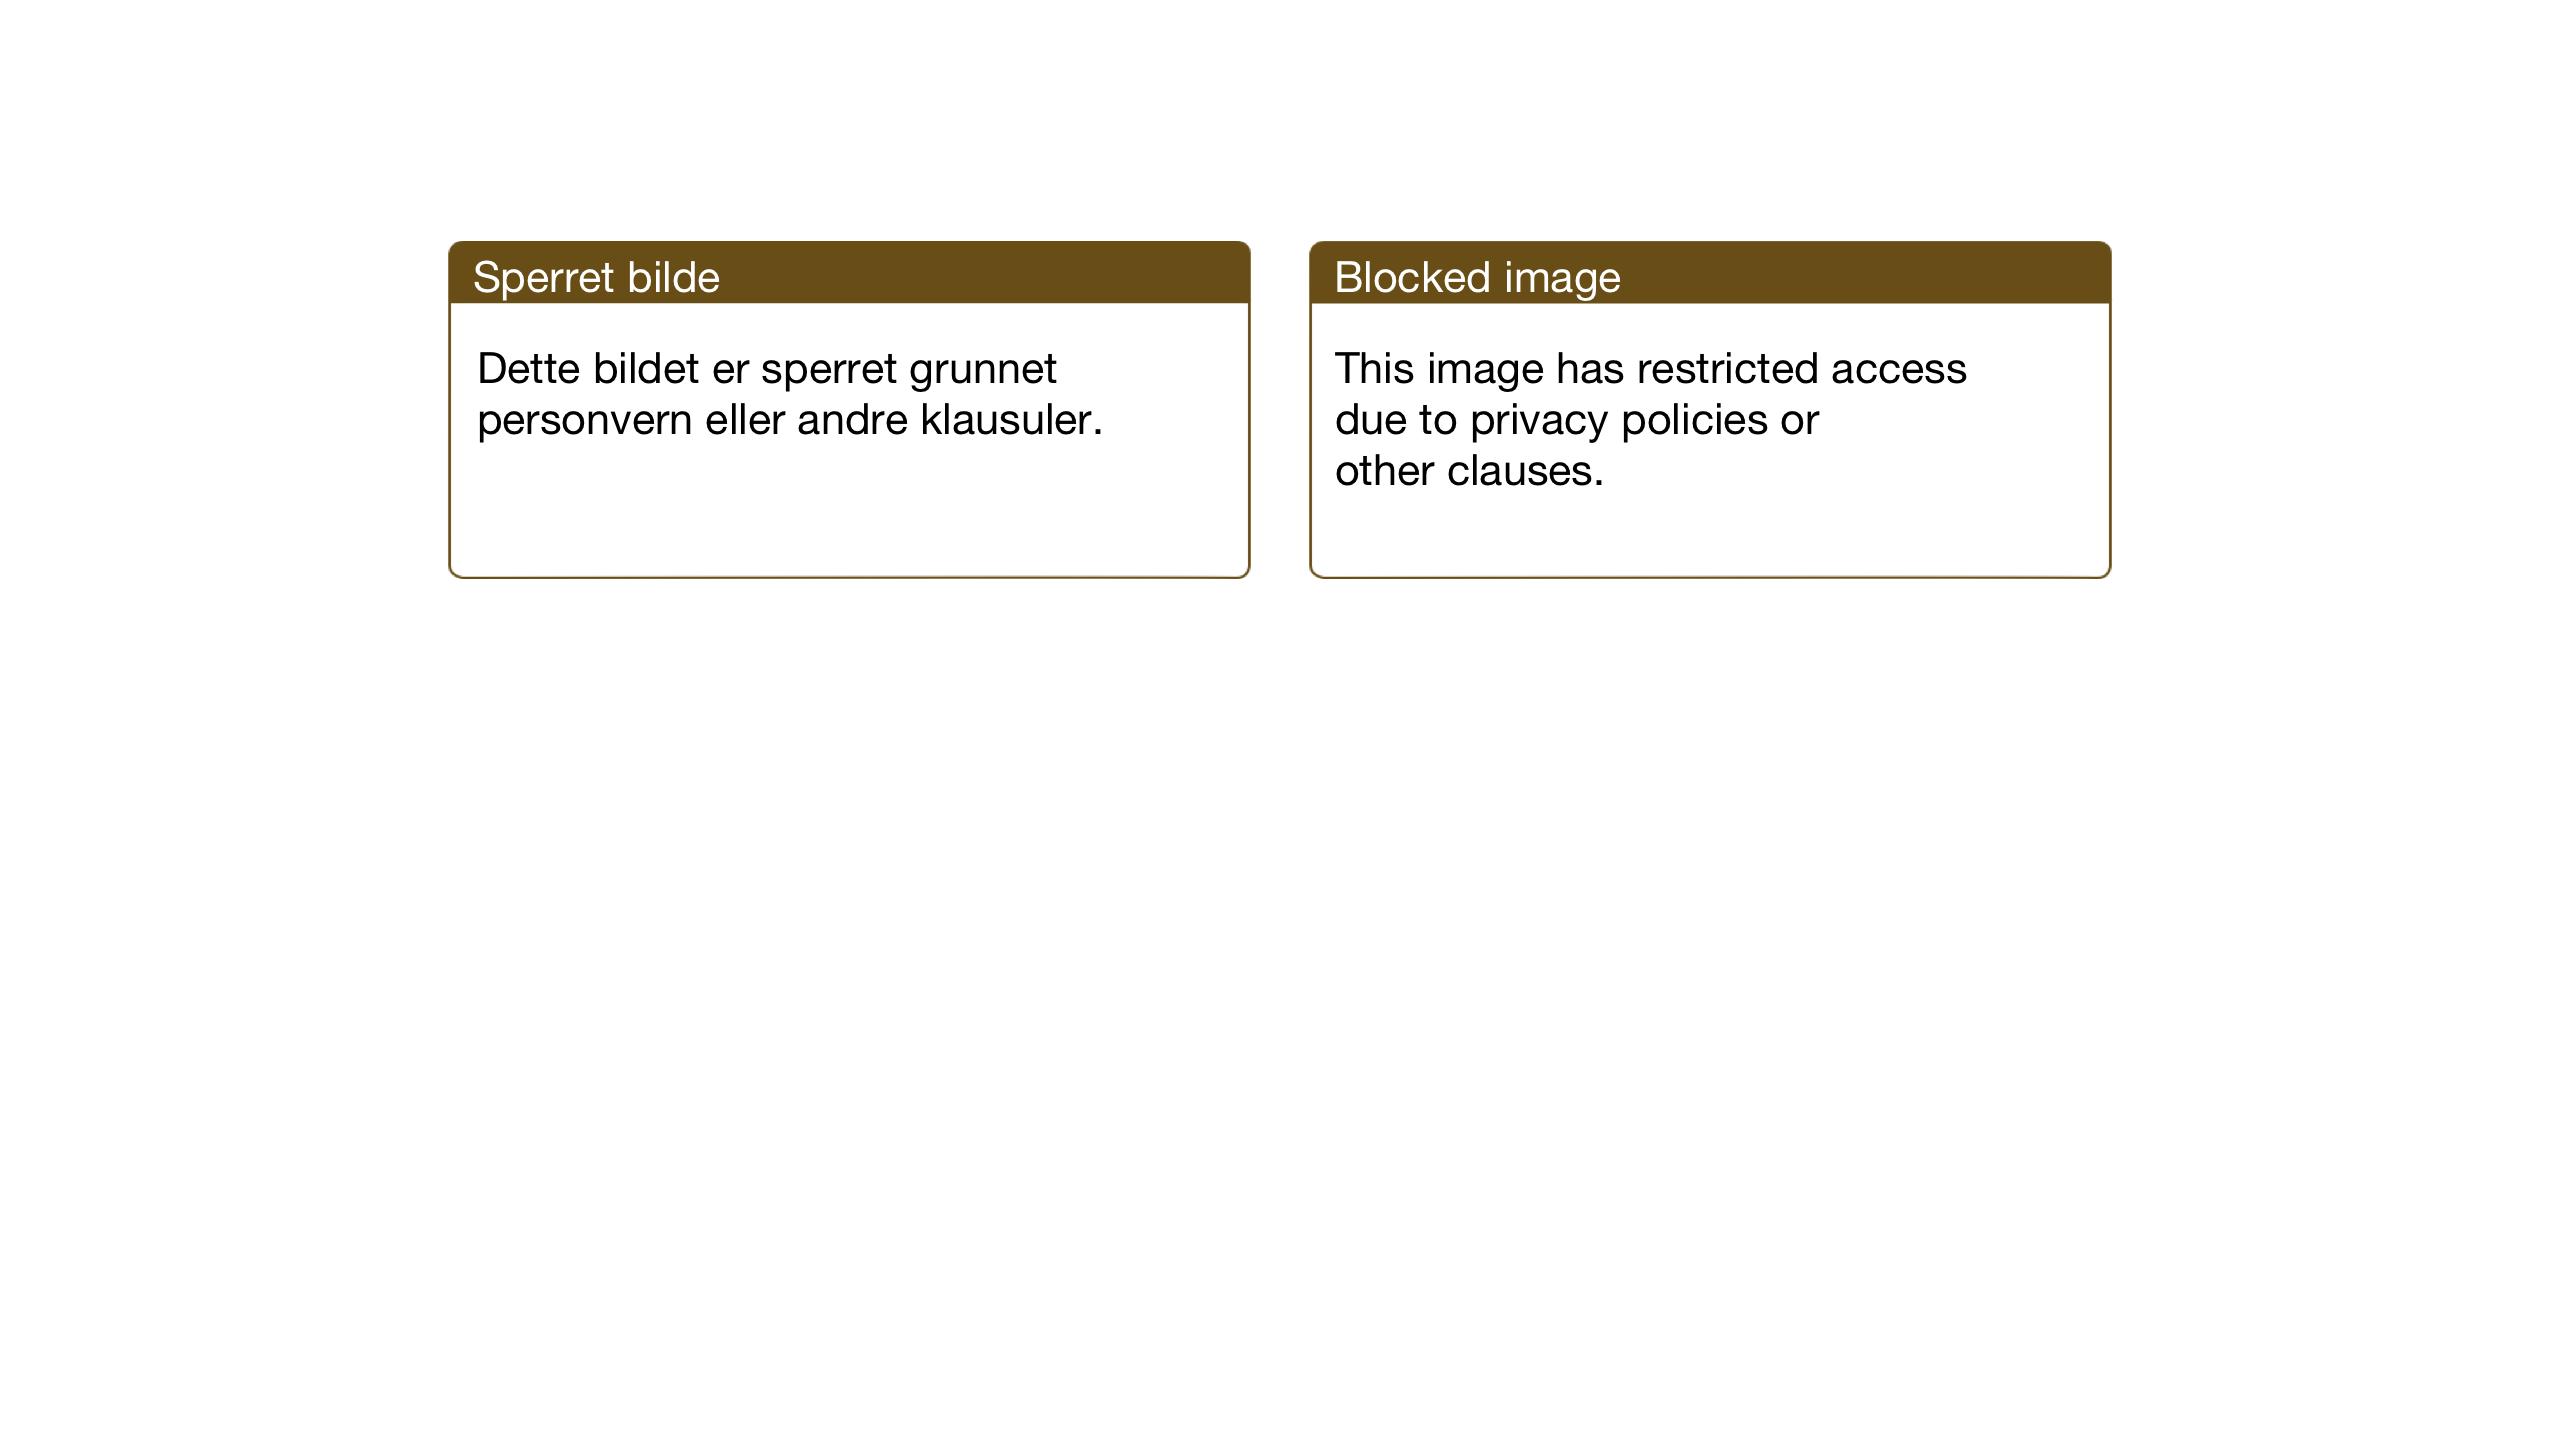 SAT, Ministerialprotokoller, klokkerbøker og fødselsregistre - Sør-Trøndelag, 674/L0877: Klokkerbok nr. 674C04, 1913-1940, s. 88